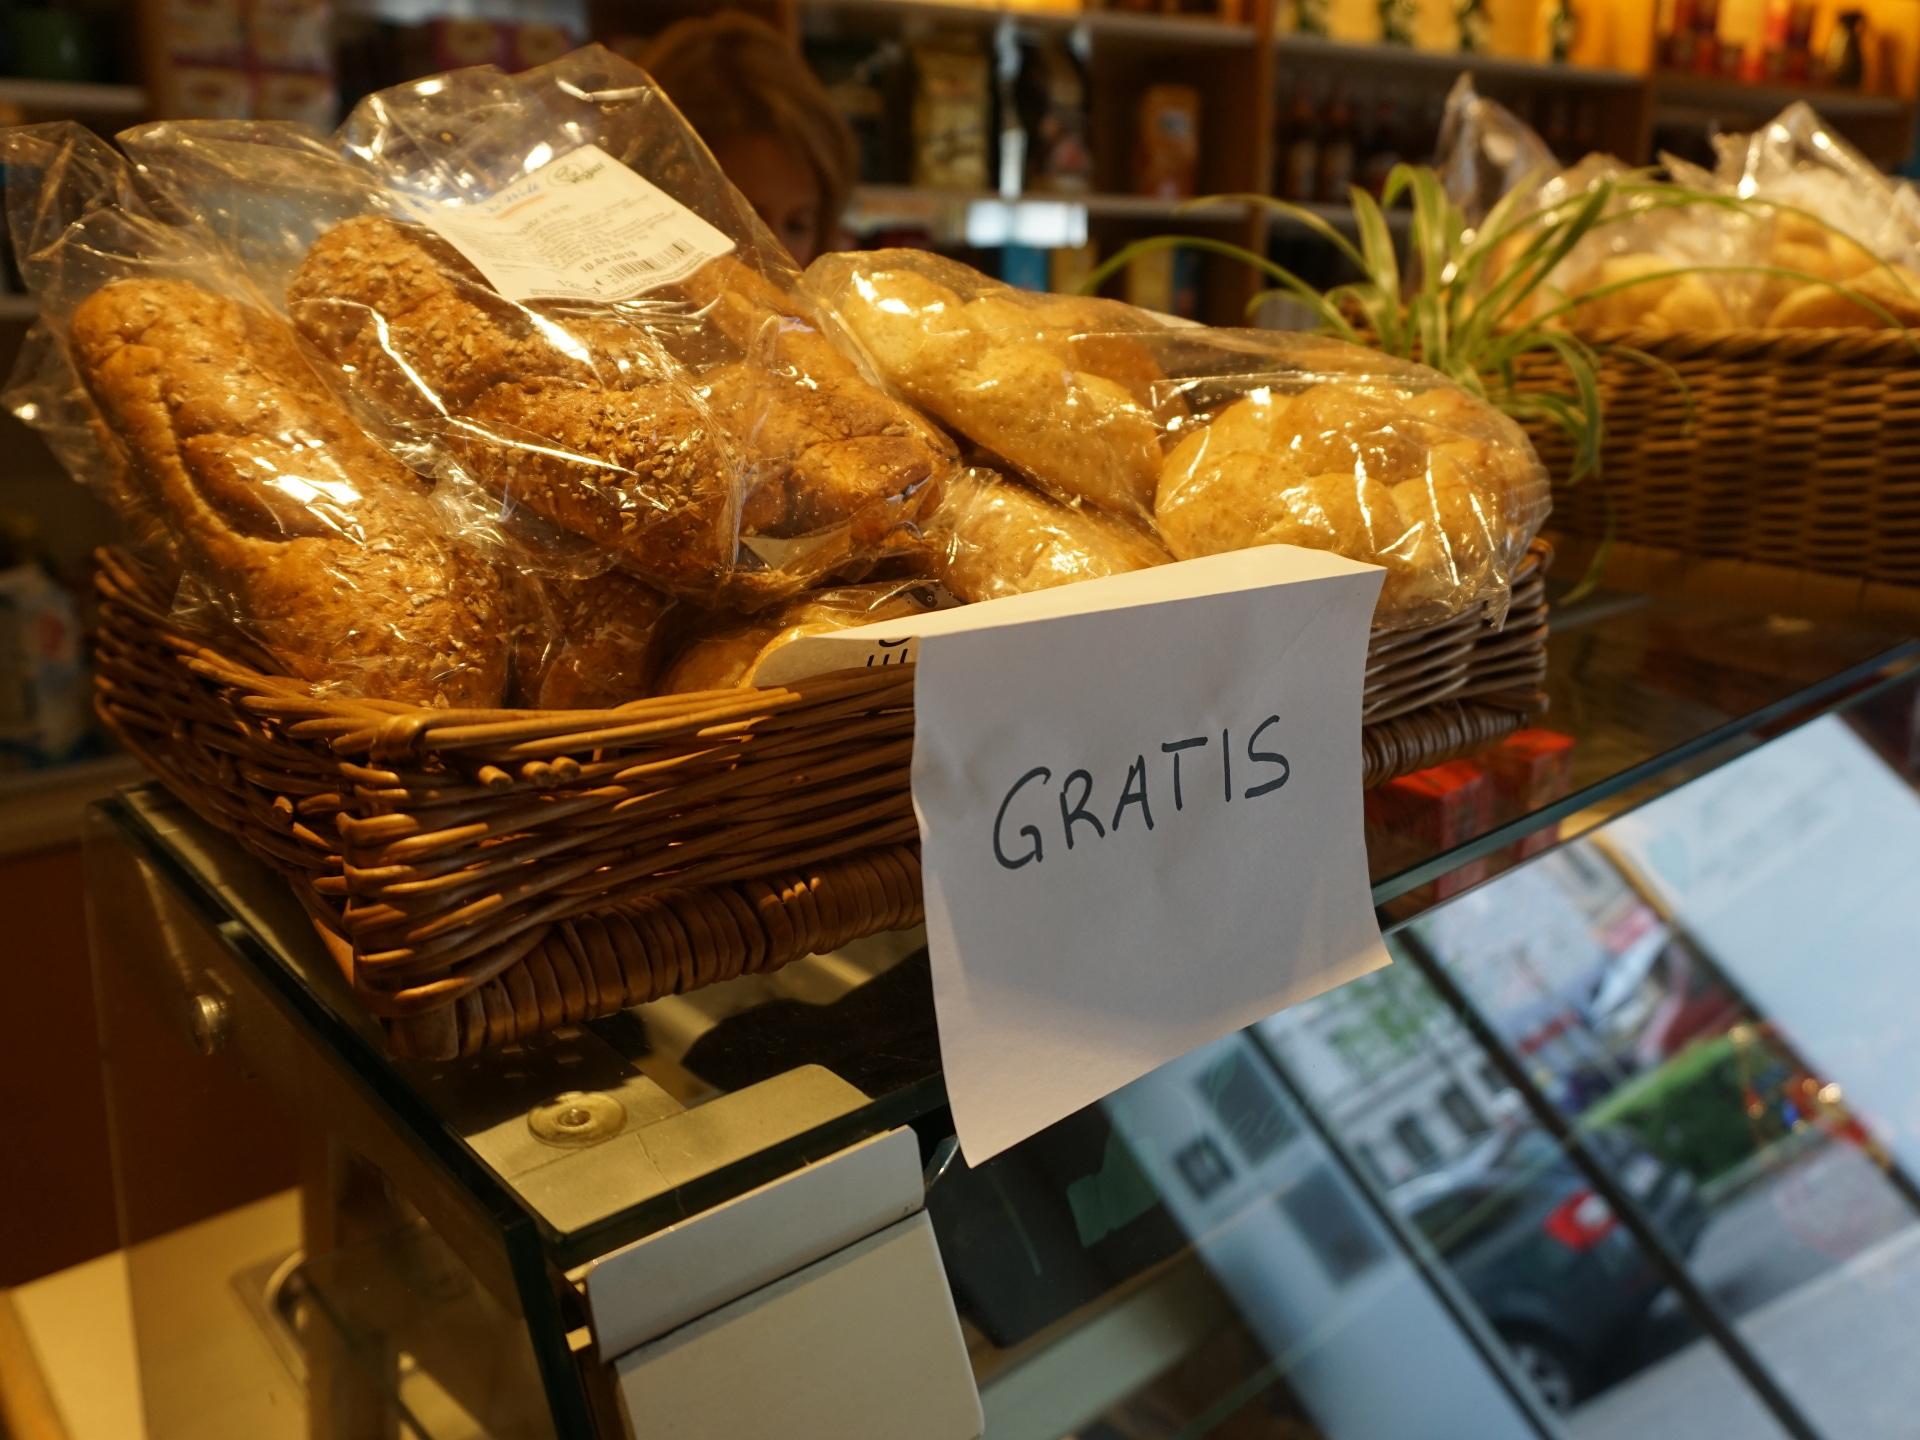 Wenn von etwas besonders viel da ist, kann es auch sein, dass die Lebensmittel nicht nur günstig sondern gratis vergeben werden. - Photocredit: Elisabeth Demeter